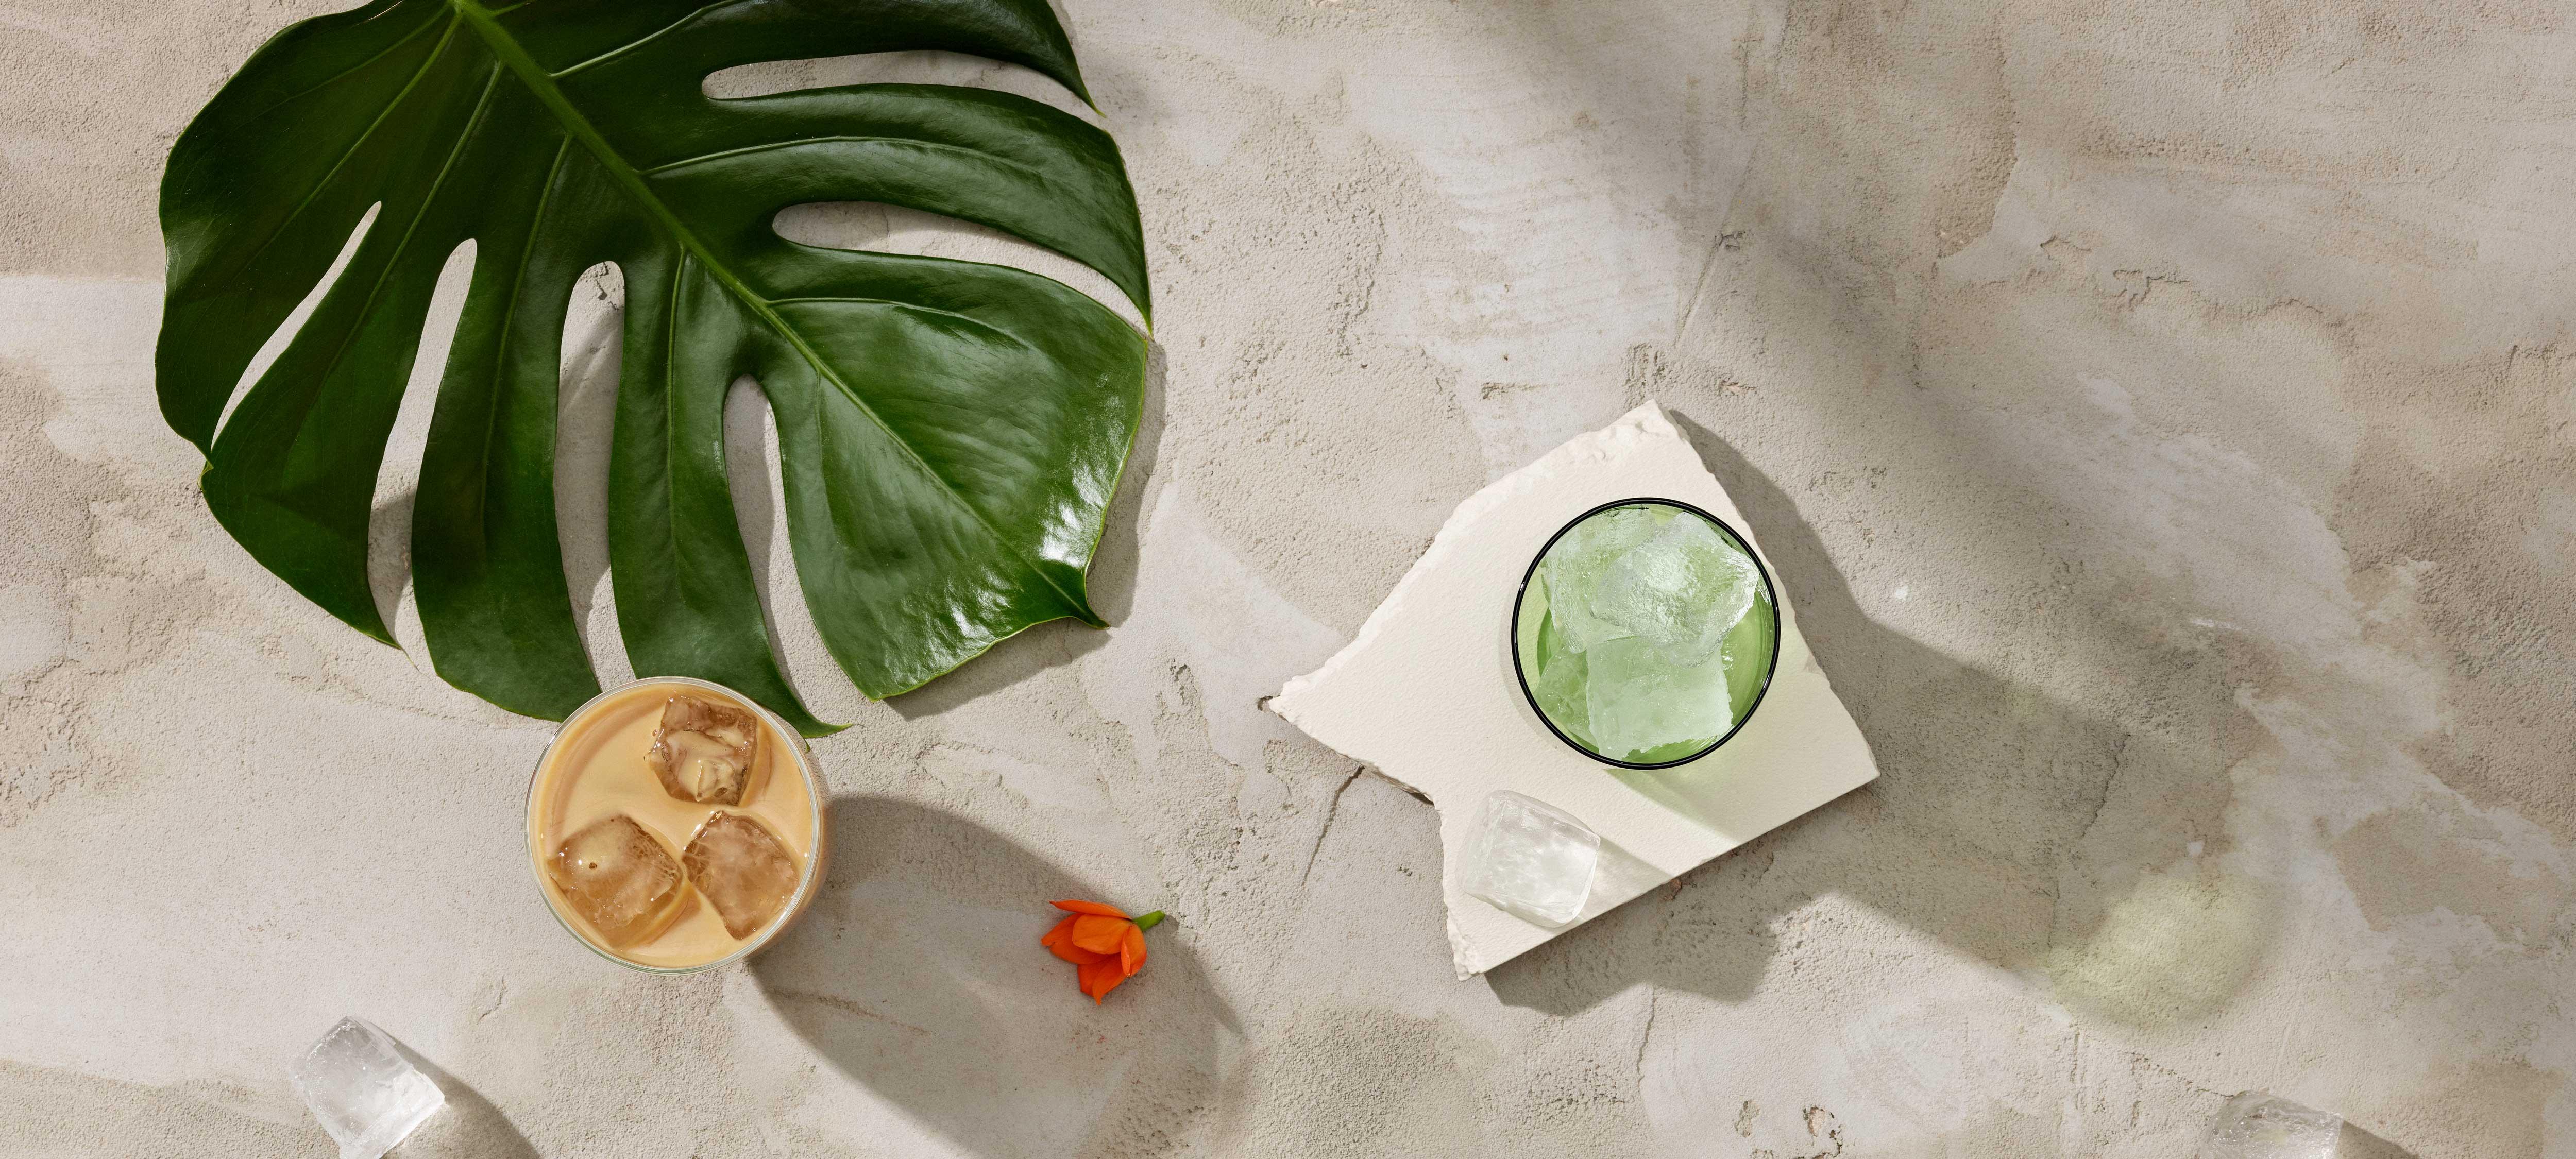 Paulig Singapore Ice Coffee -kahvijuoma lasissa pöydällä